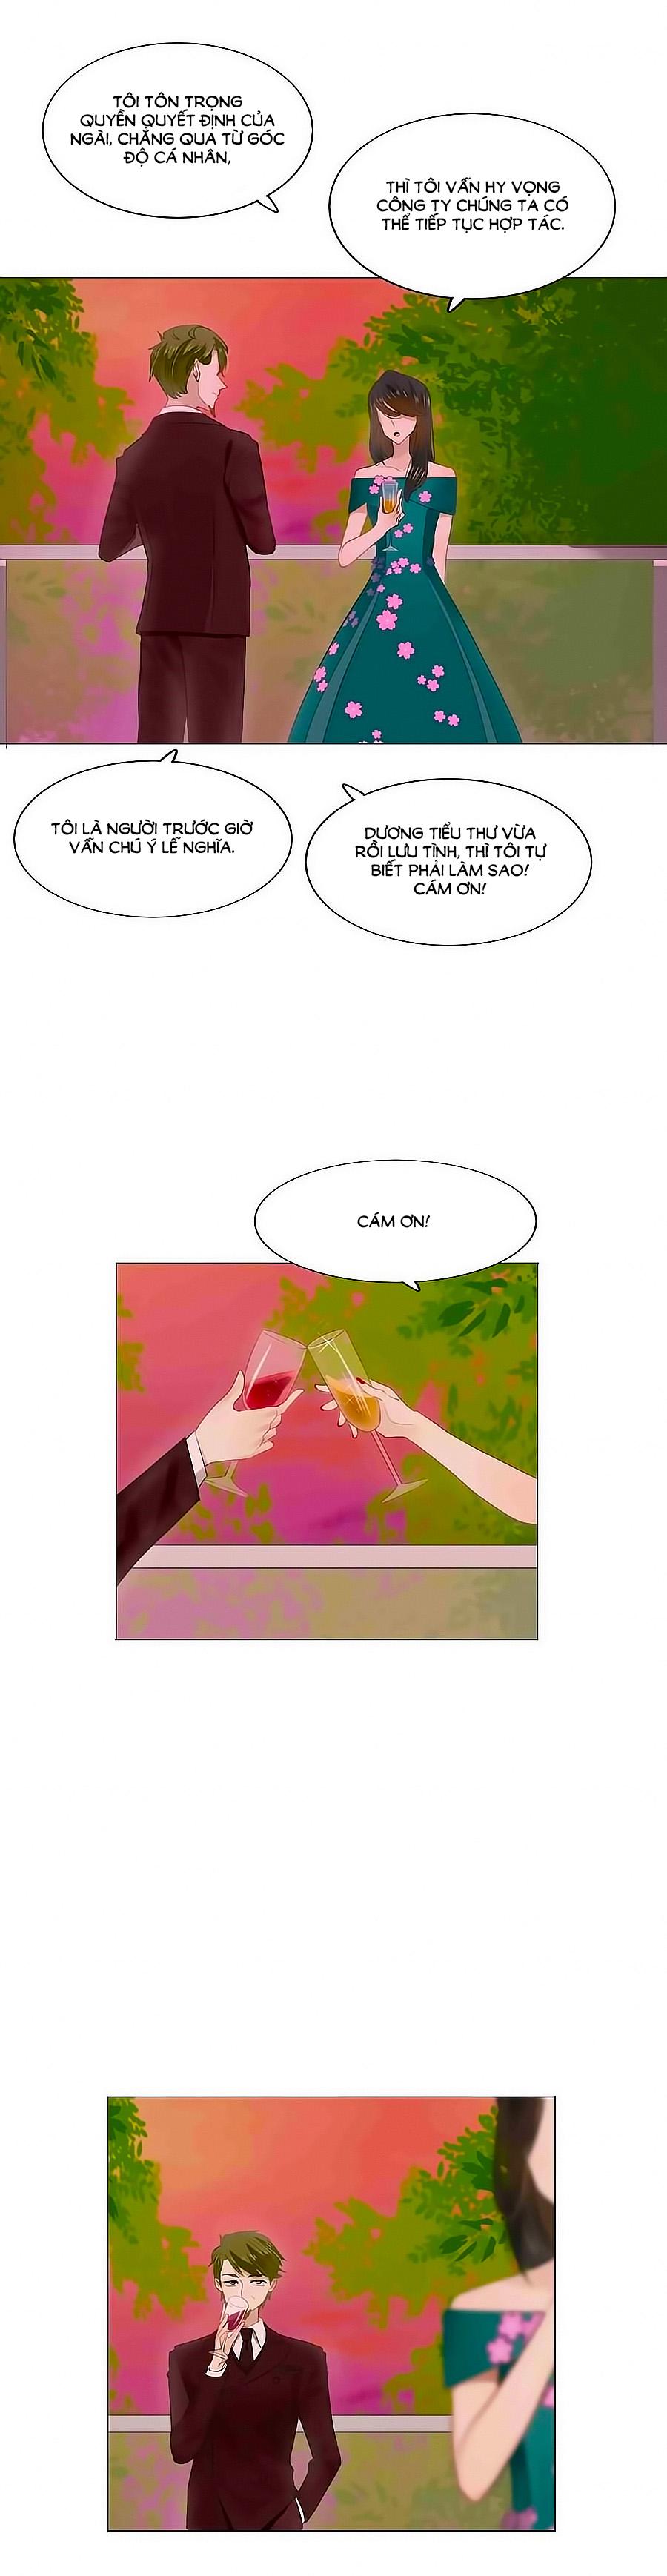 Kết Hôn Không Dễ chap 42 - Trang 14